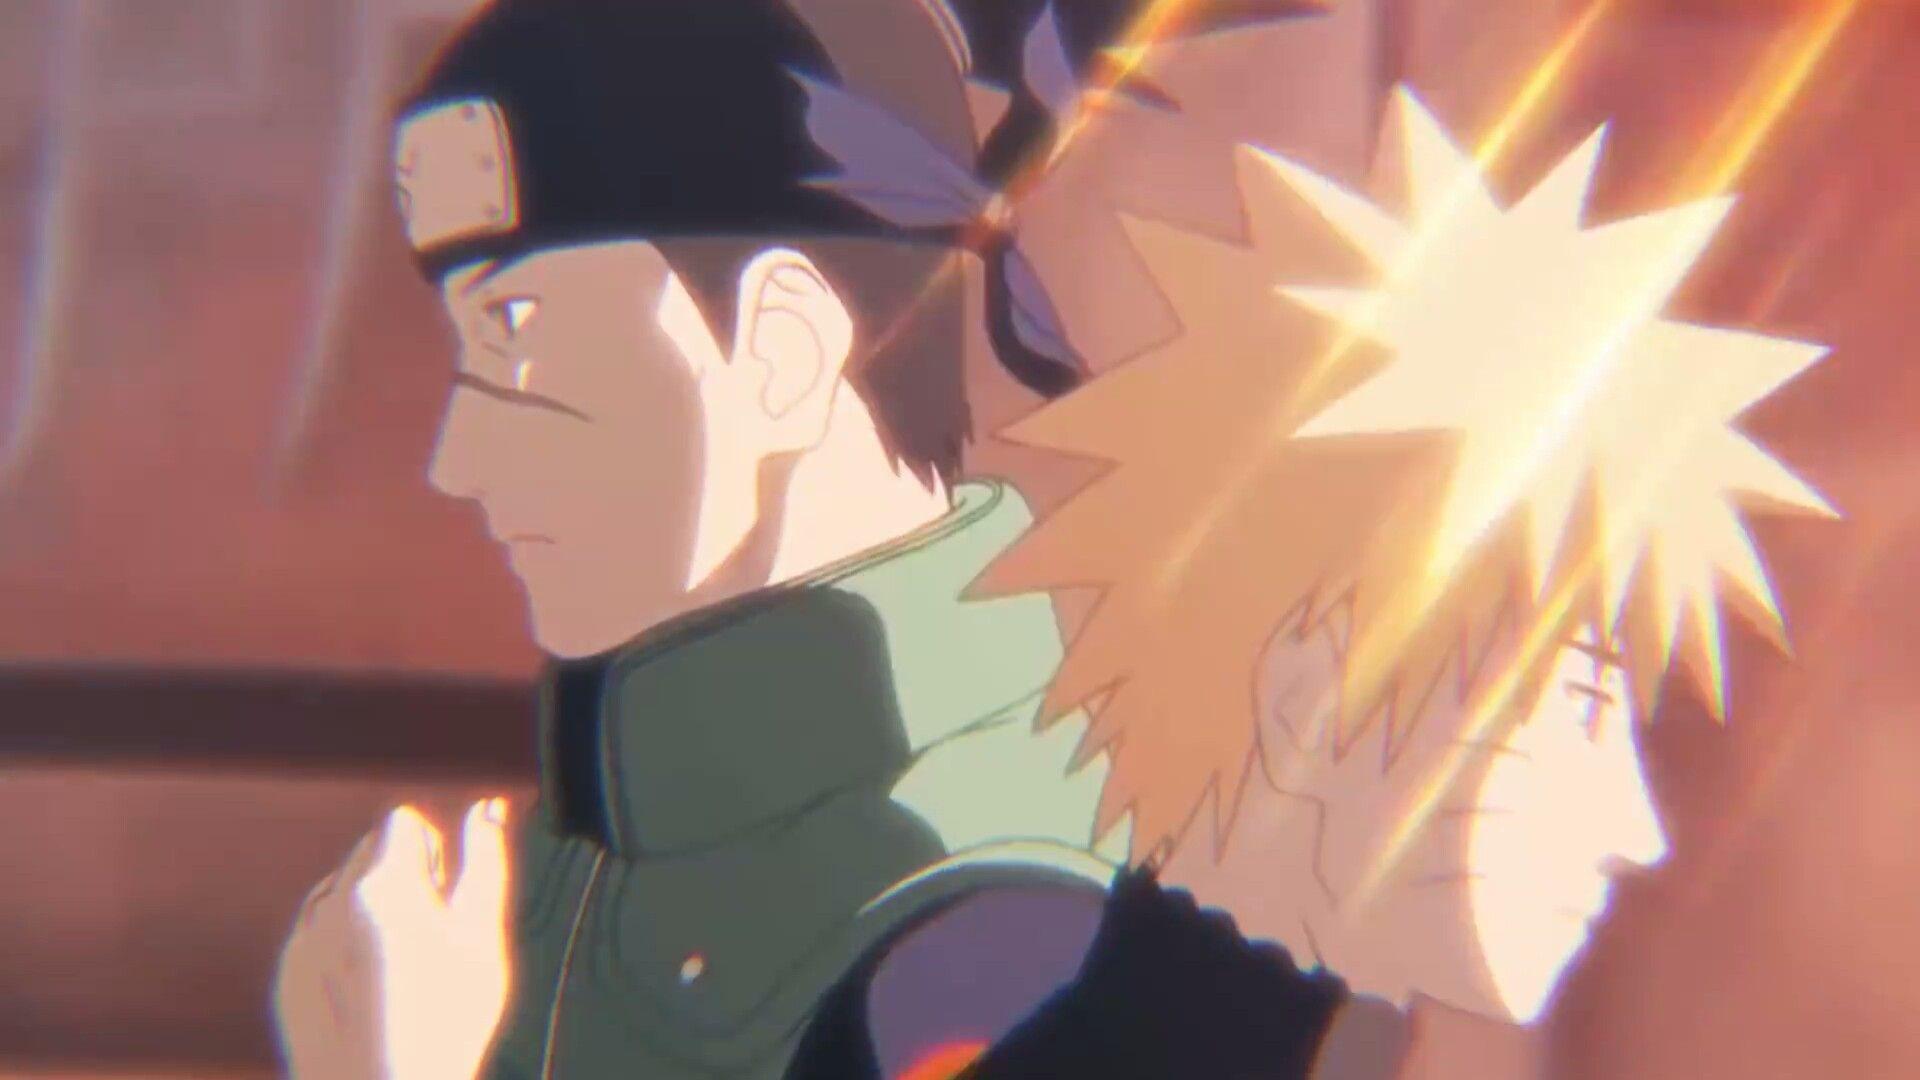 Naruto Anime, Zelda characters